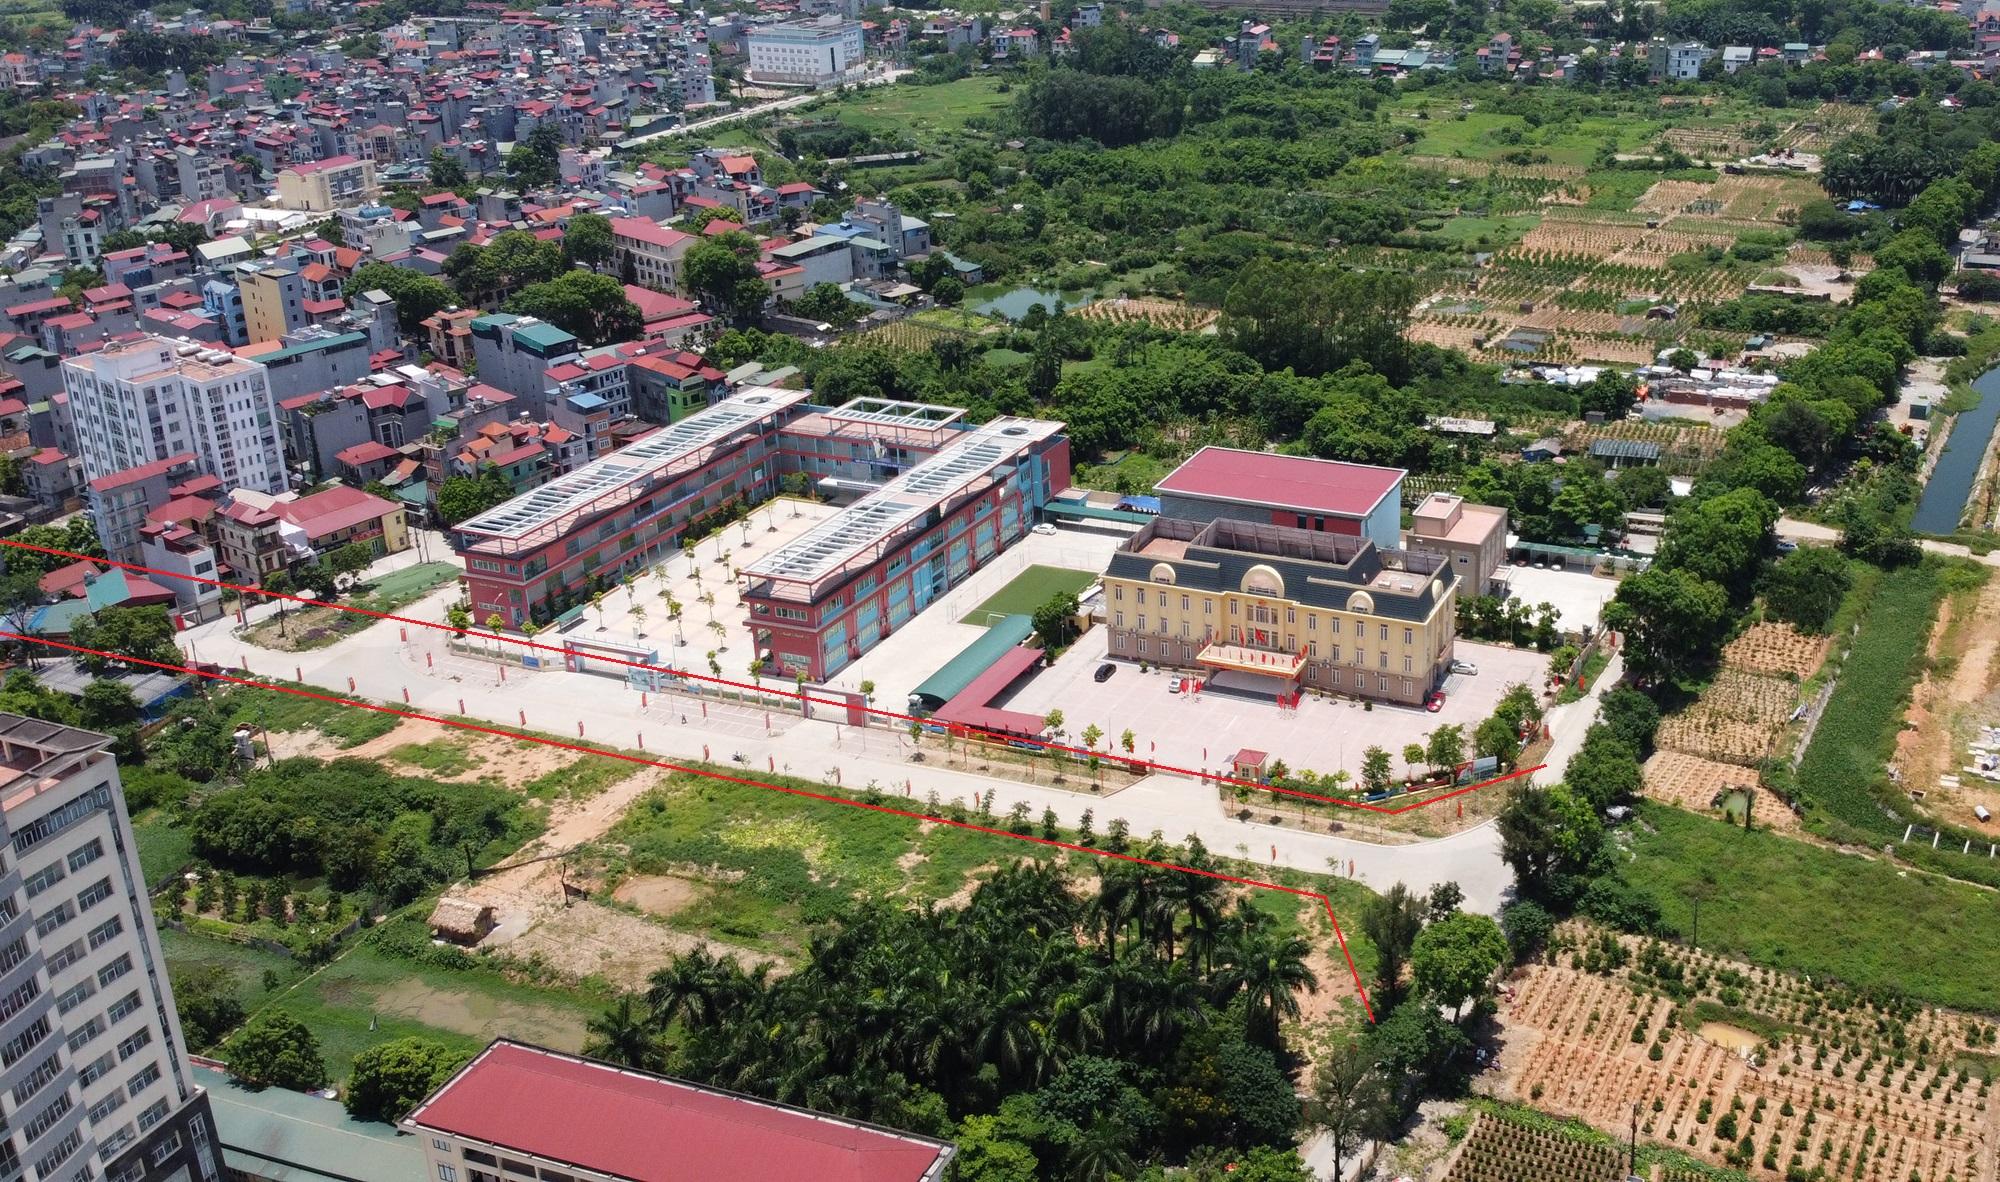 đường sẽ mở theo qui hoạch ở phường Đức Thắng, Bắc Từ Liêm, Hà Nội - Ảnh 3.